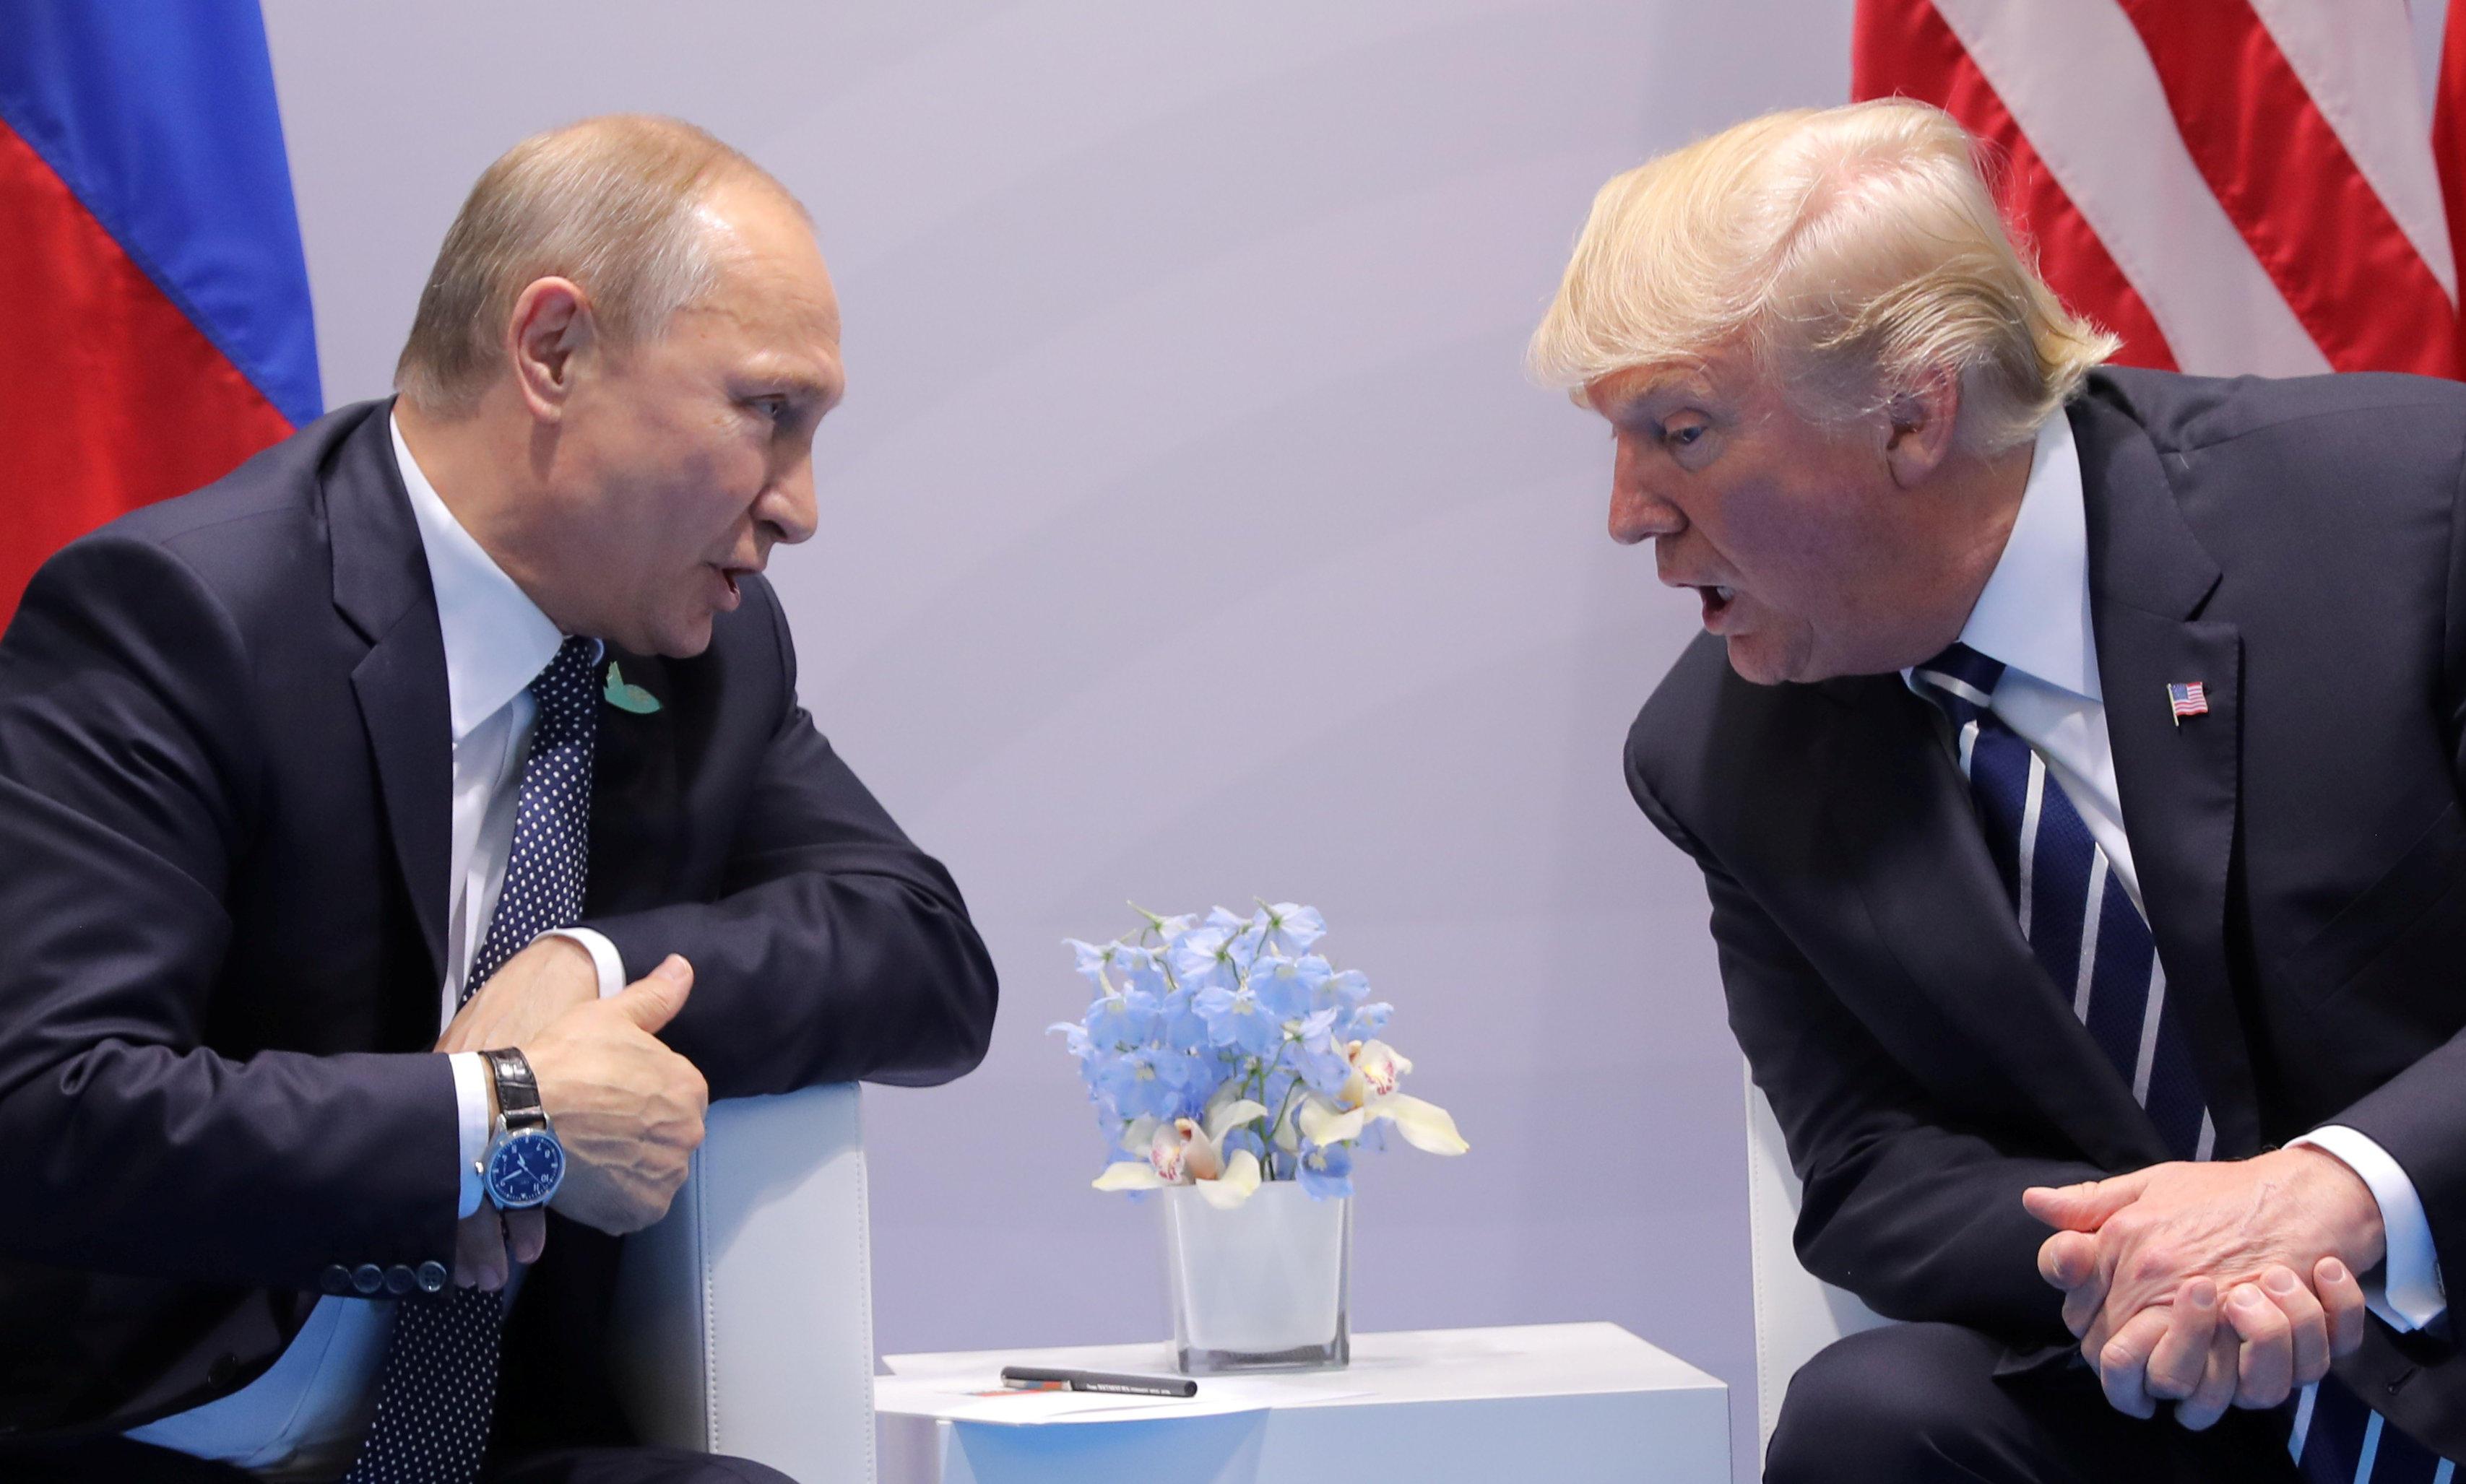 Трамп прокомментировал знакомство с Путиным: президент США был потрясен встречей со своим российским коллегой